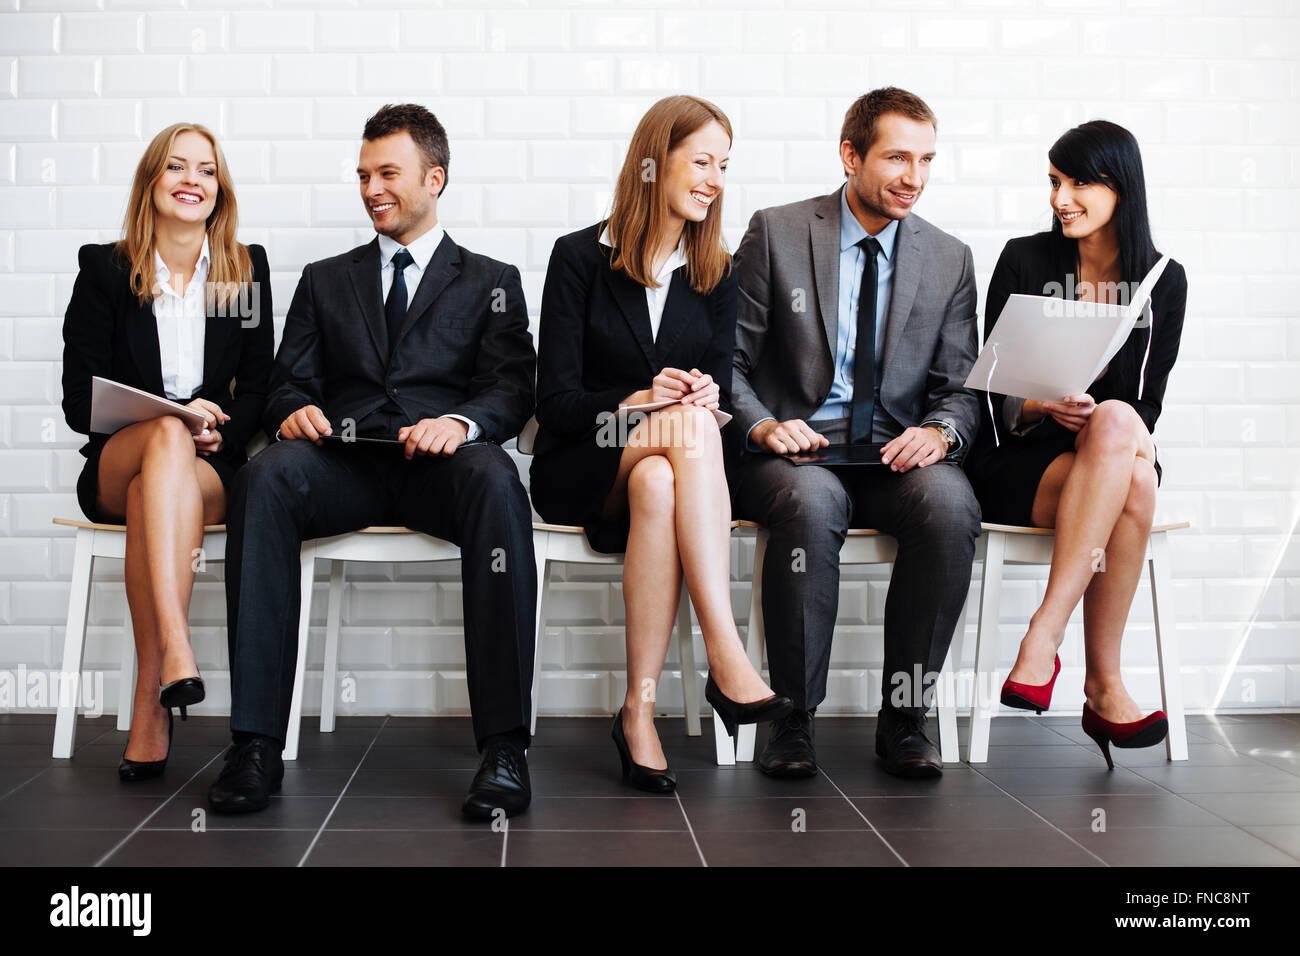 Grupo de gente de negocios feliz sentado en la sala de espera. Imagen De Stock